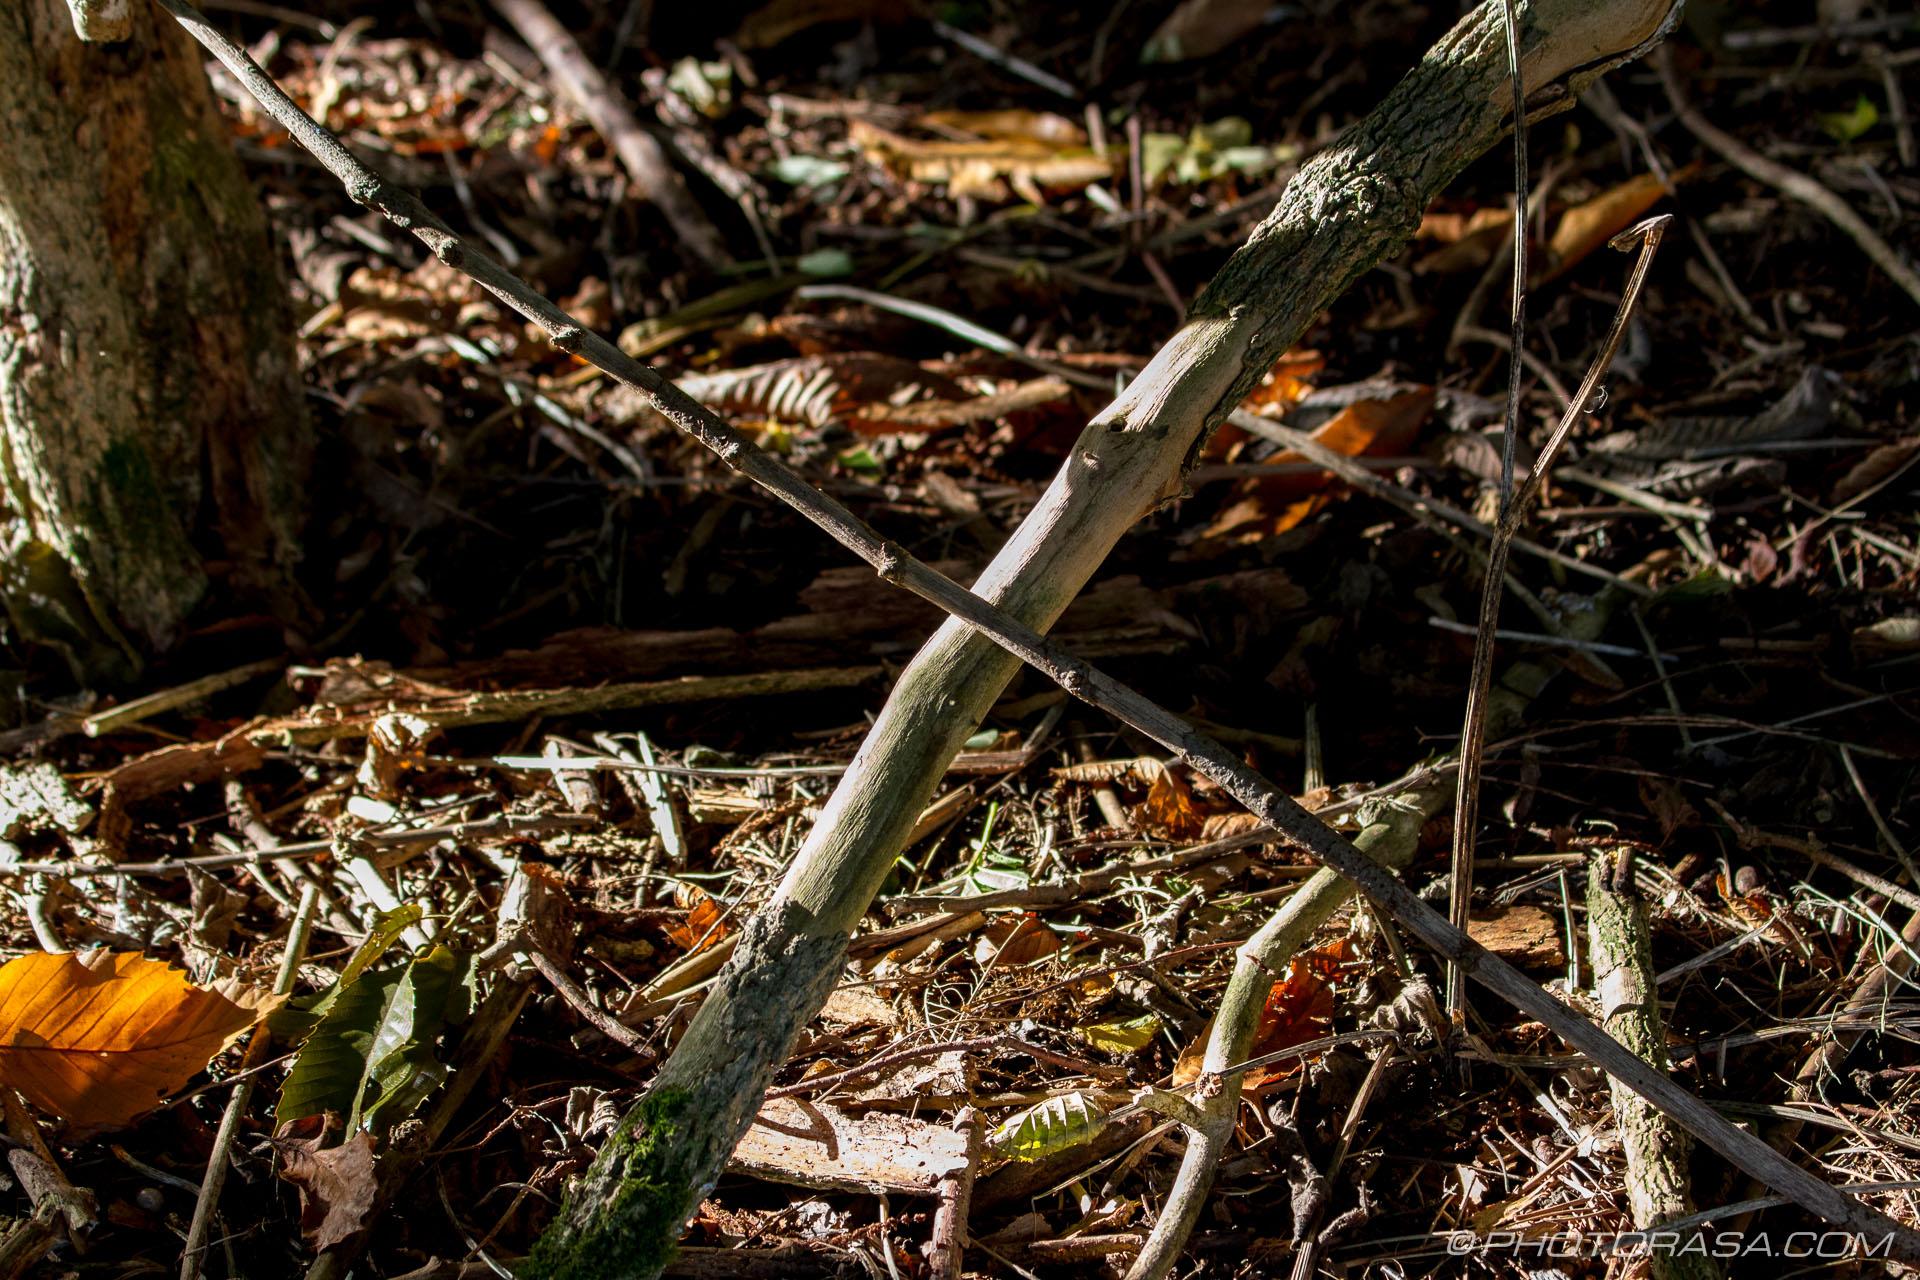 http://photorasa.com/autumn-dappled-light/criss-cross-sticks-in-dappled-light/